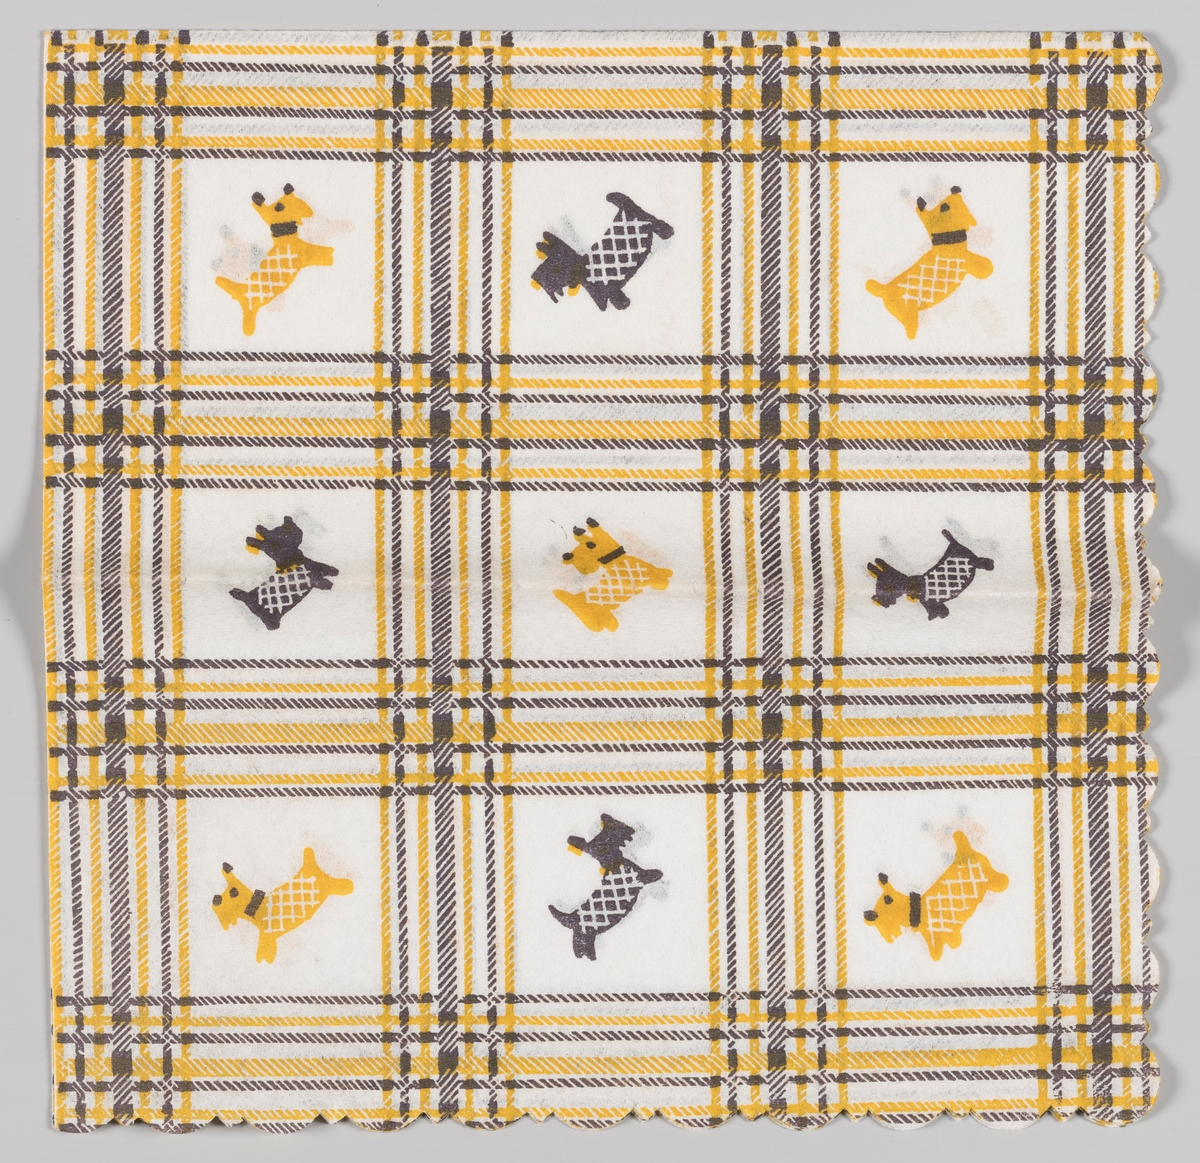 Et rutemønster med 9 felter. I hvert felt er plassert en hund som enten er sort eller gul. Hundene har på rutete hundedekken.